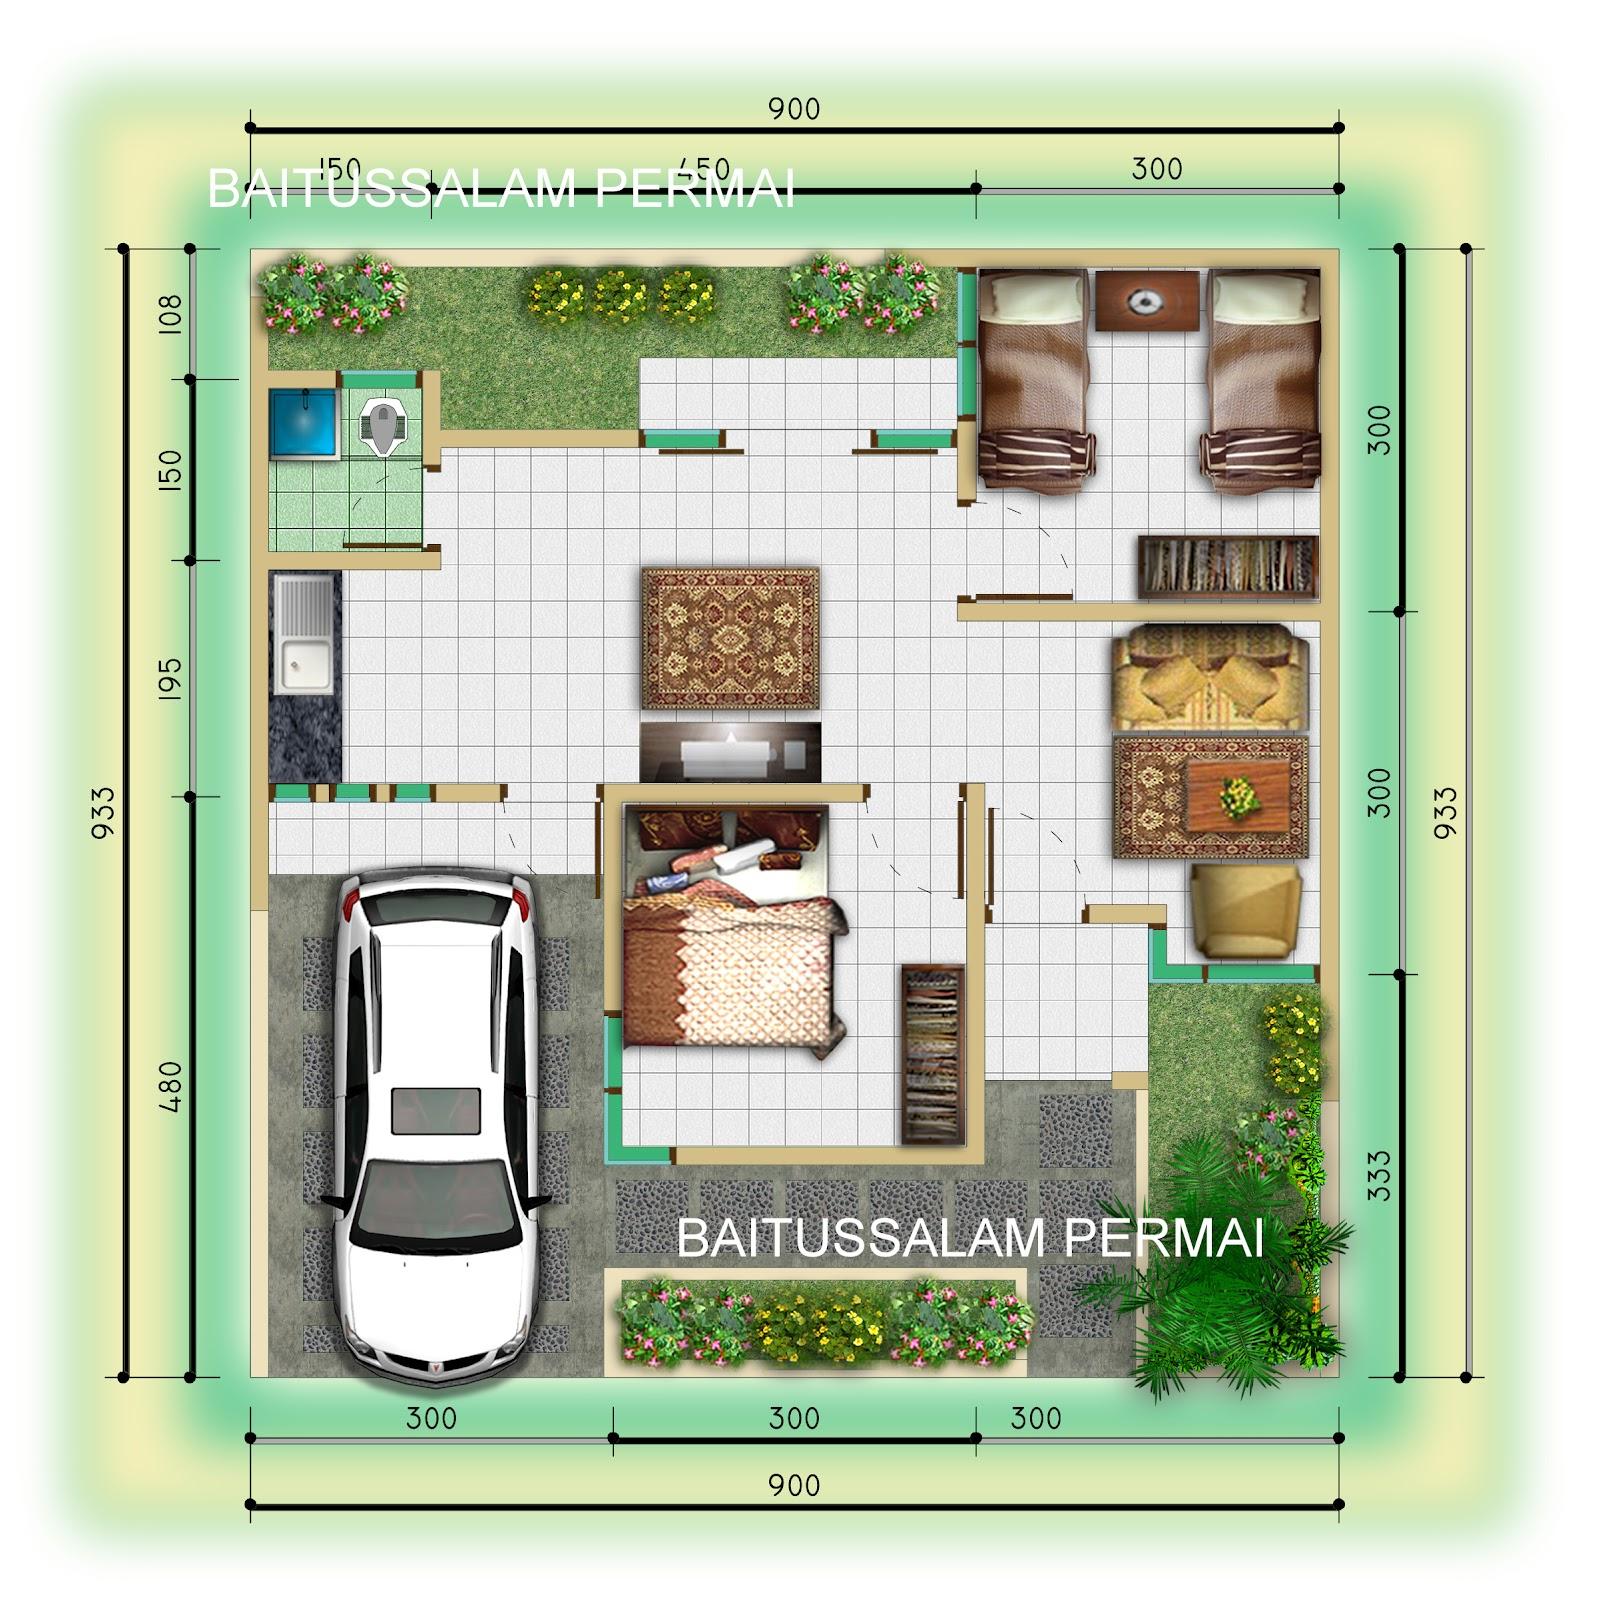 Gambar Denah Rumah Lebar 8 Meter Panjang 12 Meter Sobhome